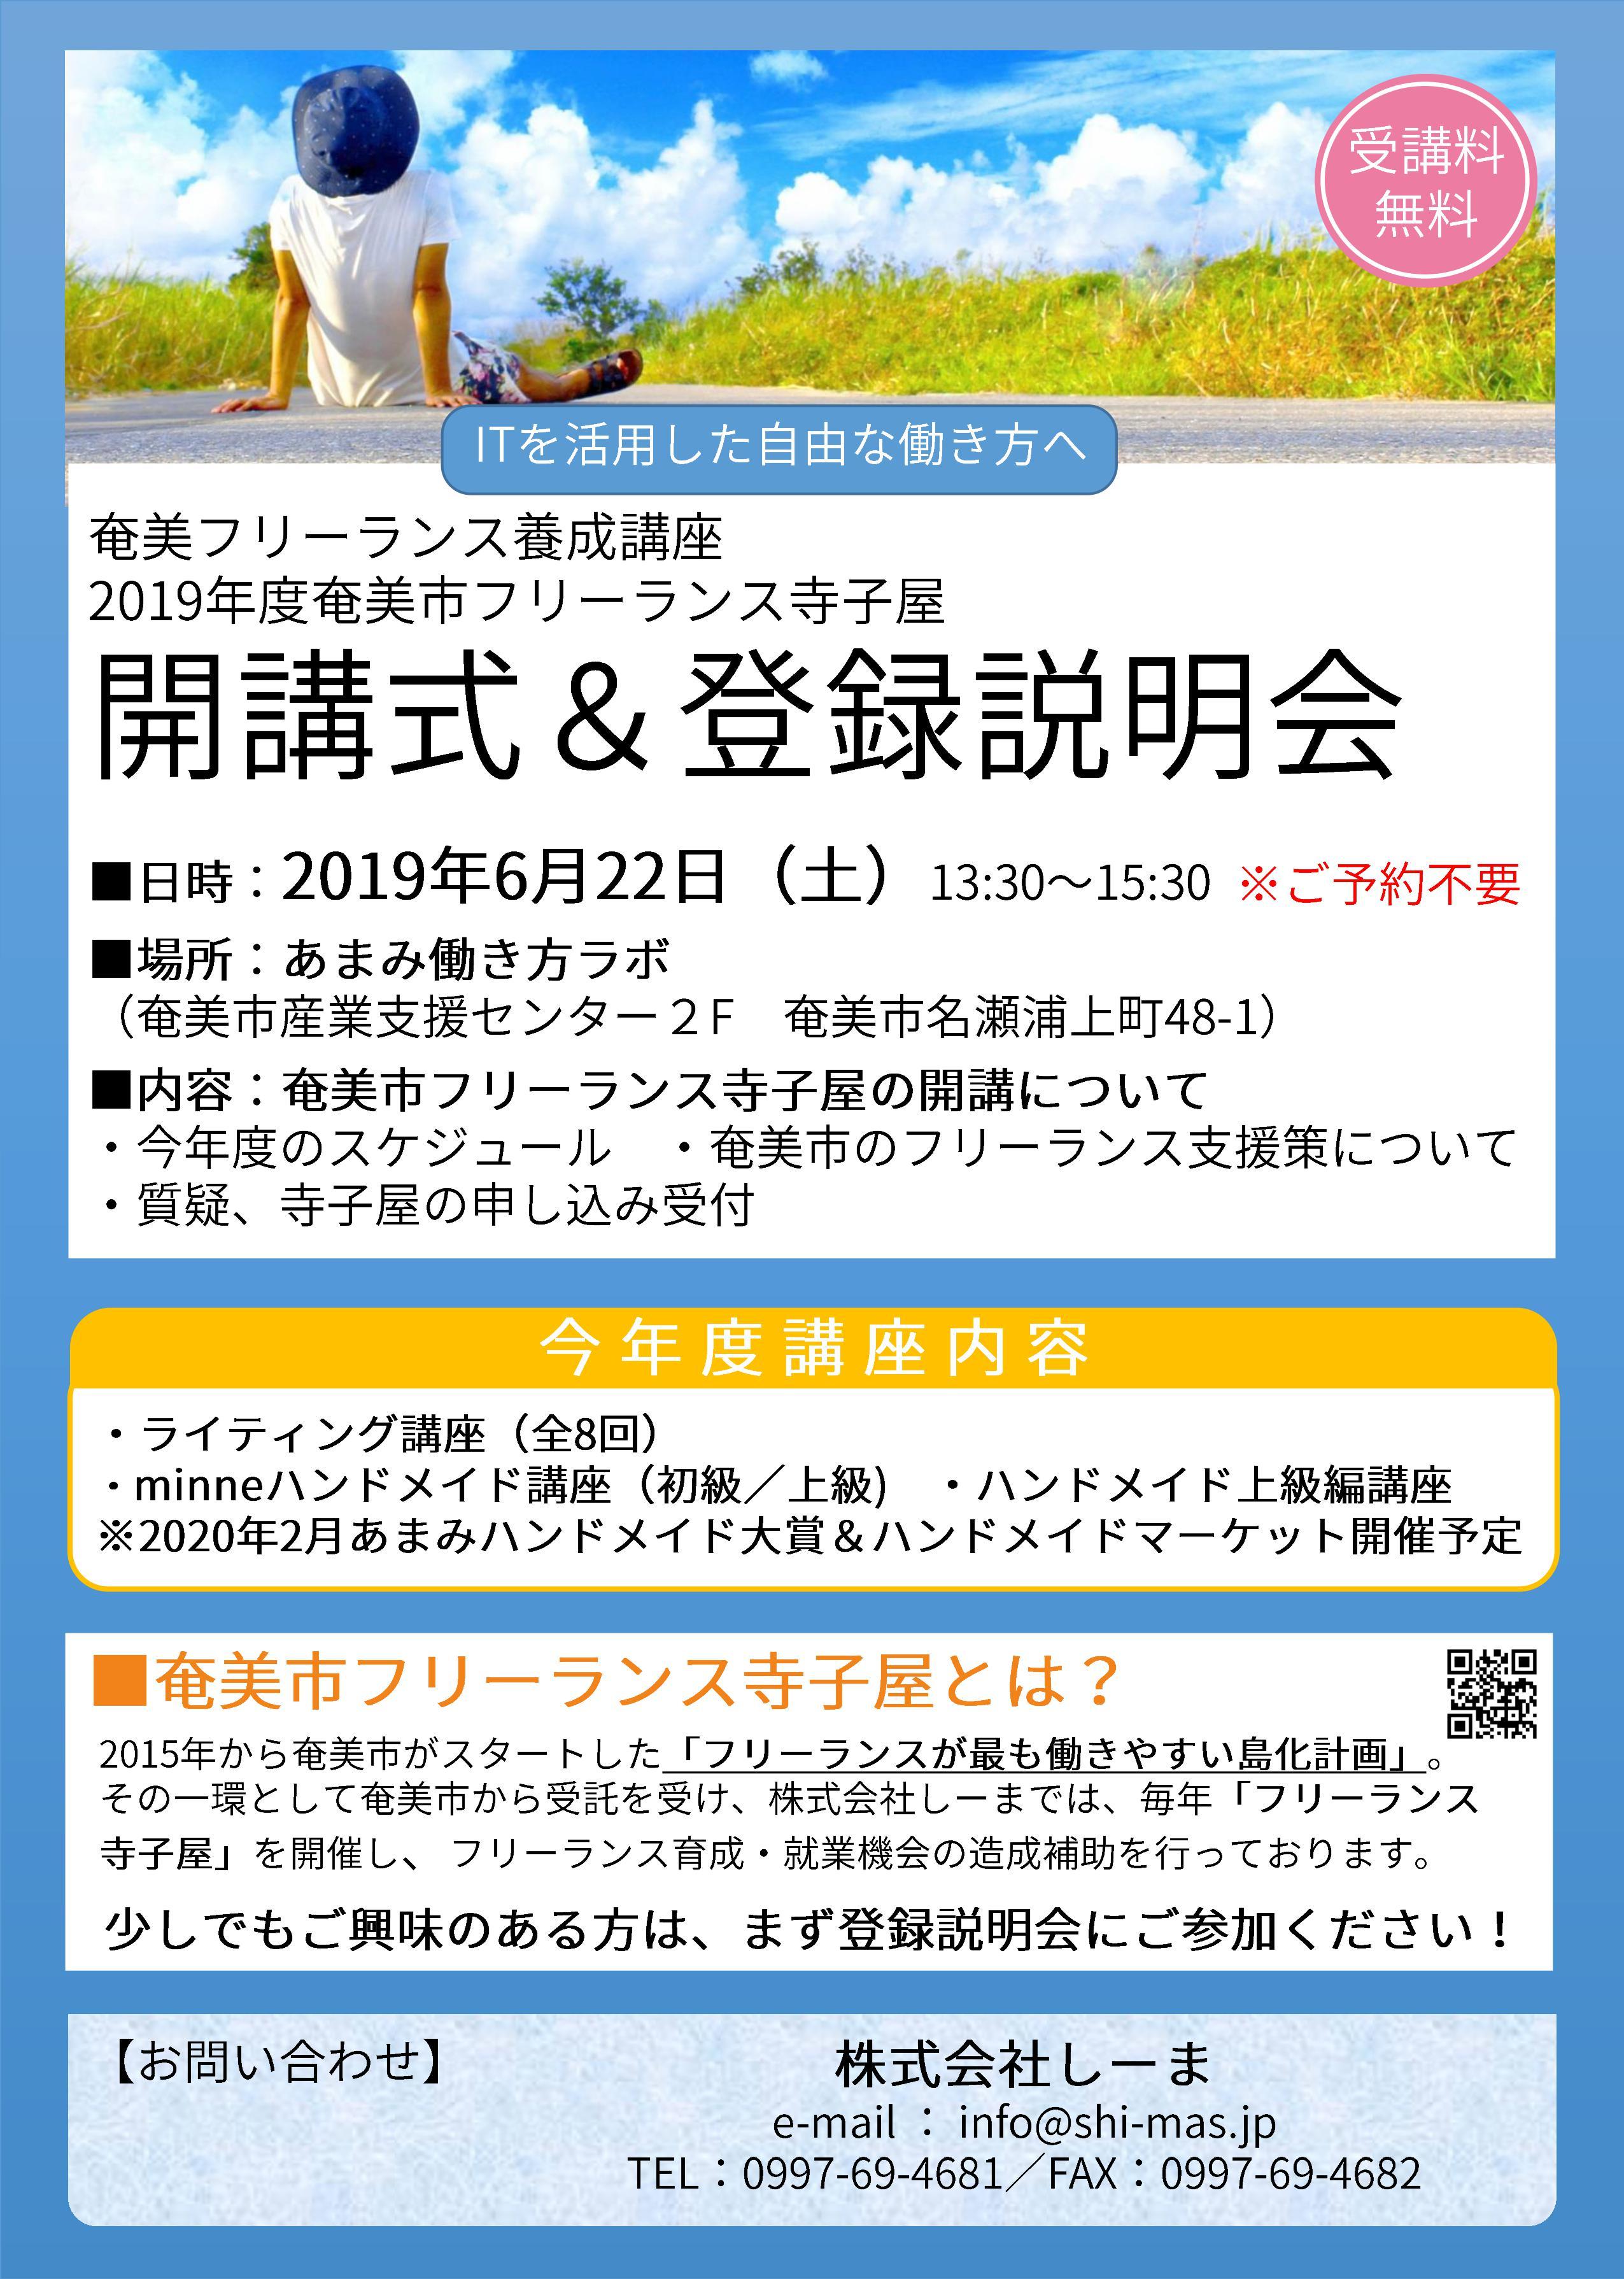 2019kaikoushiki